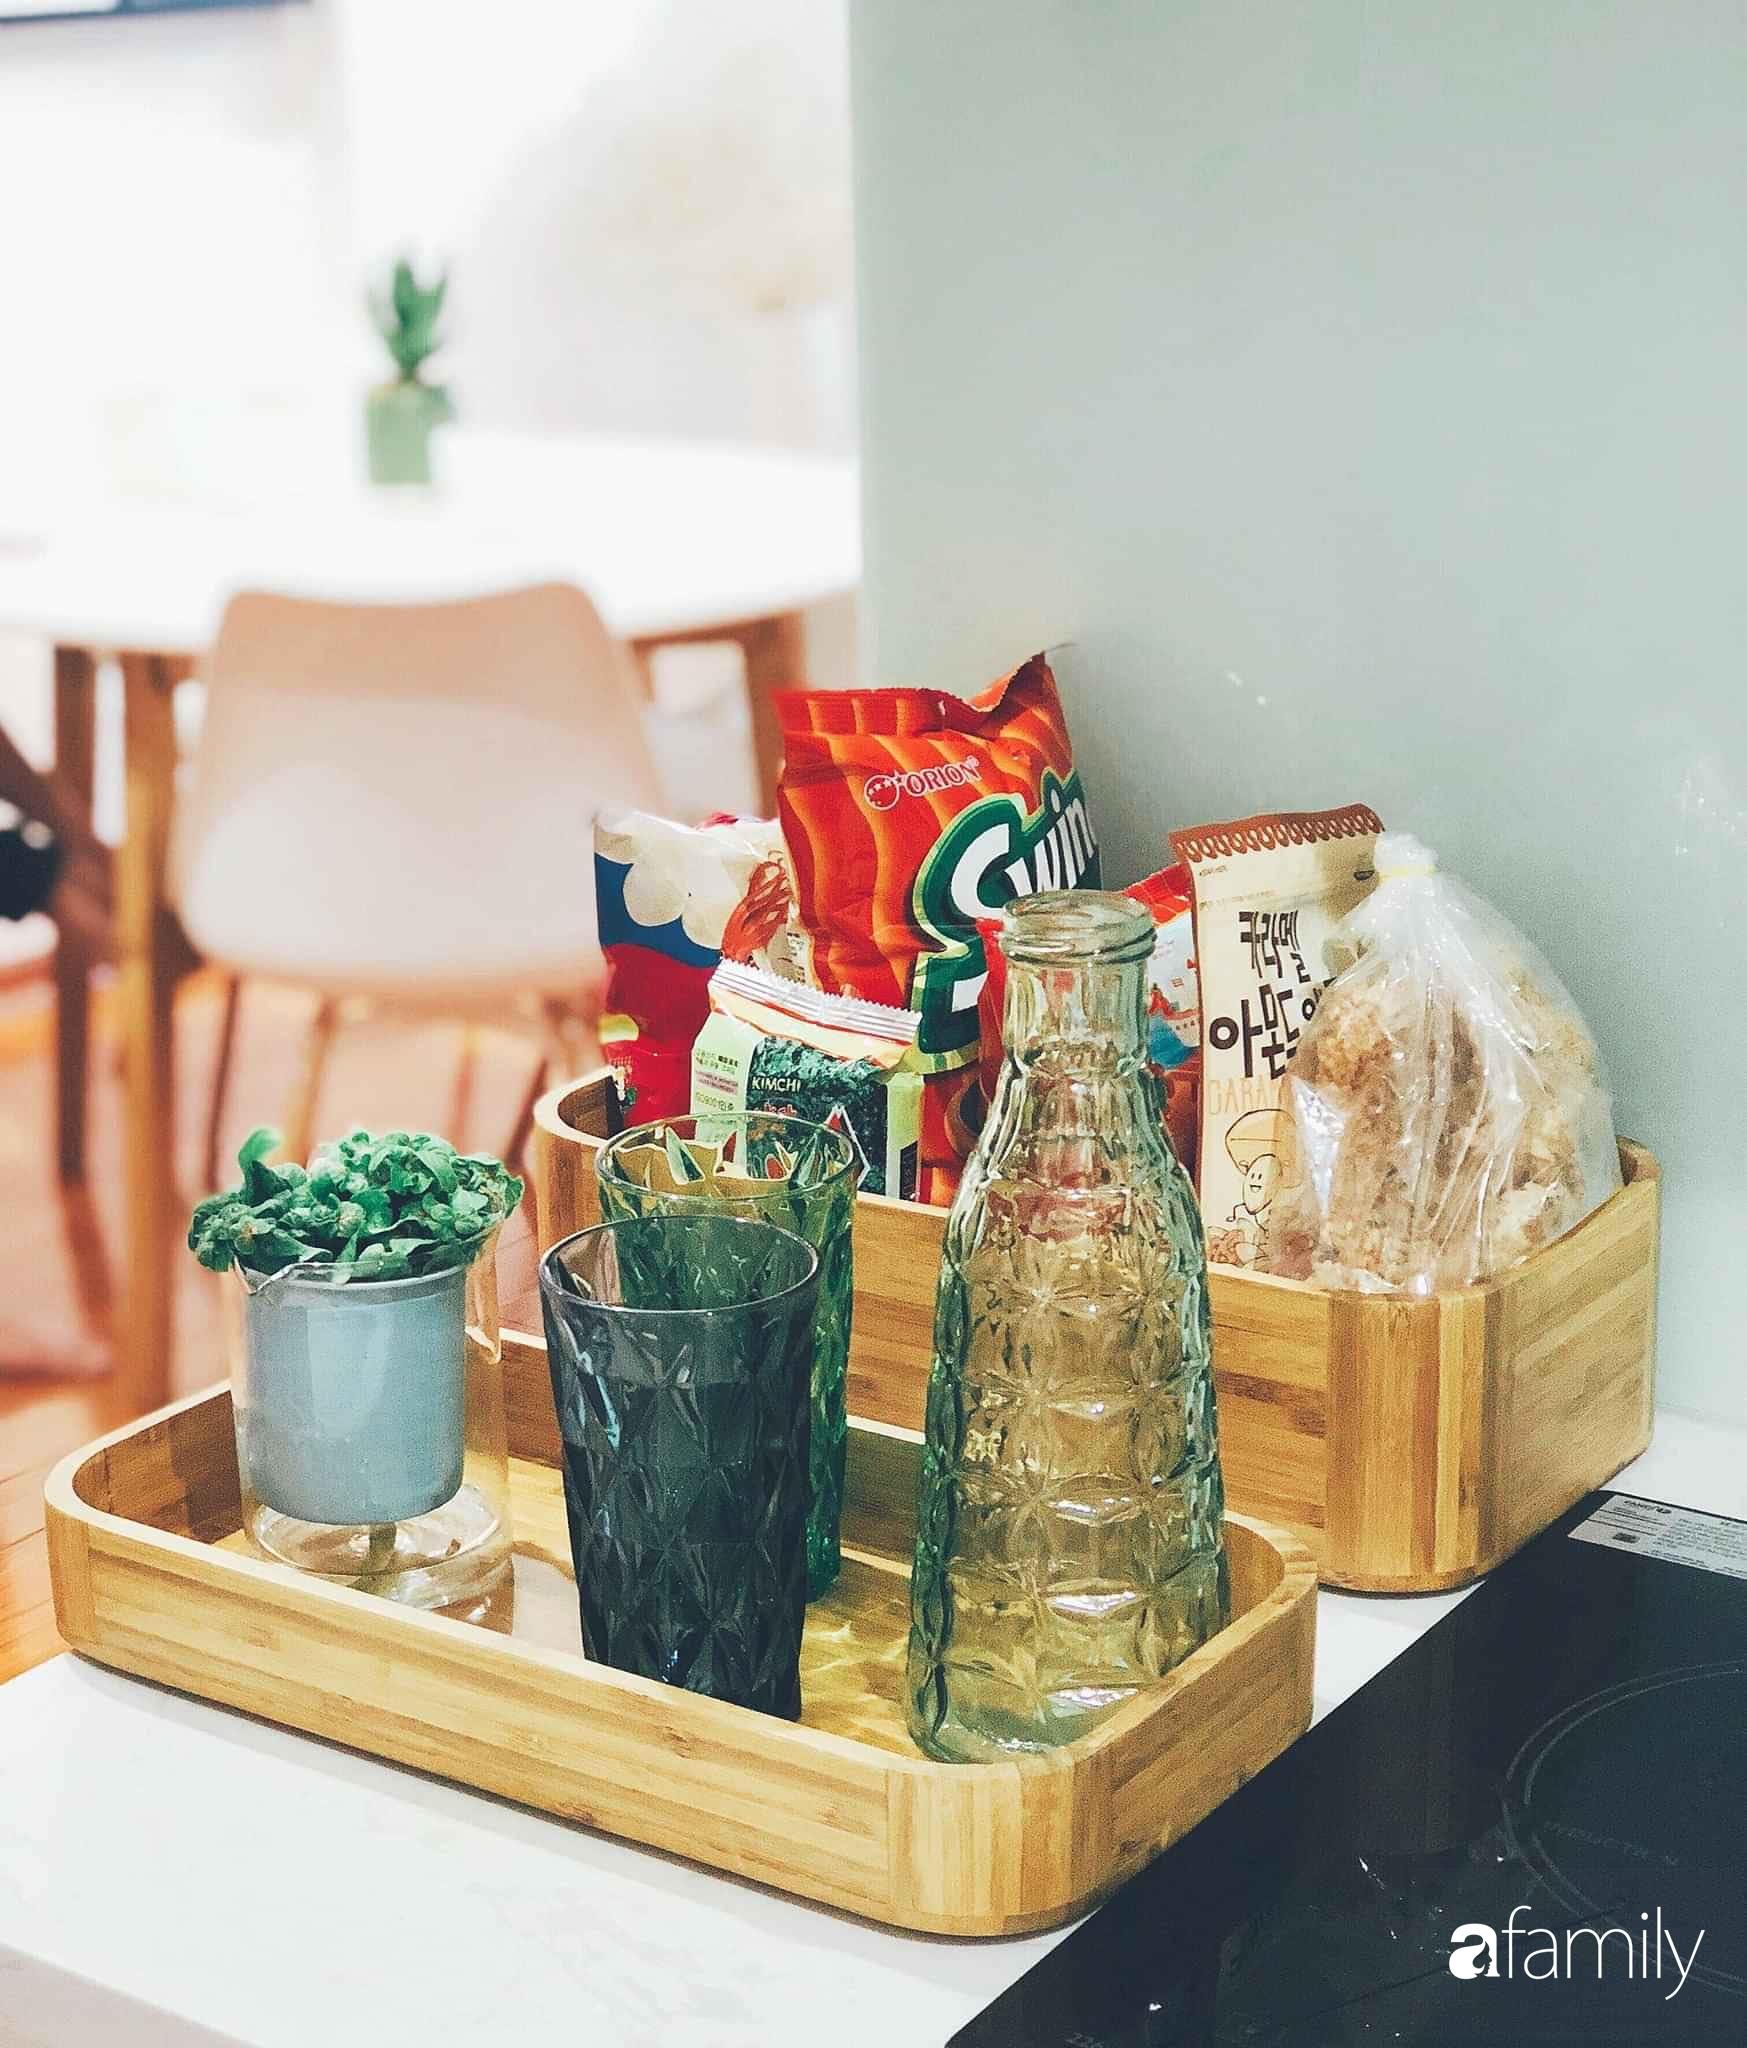 Bí quyết decor căn hộ 60m² luôn ngọt ngào và thoảng nhẹ hương thơm dịu dàng ở Hà Nội - Ảnh 13.